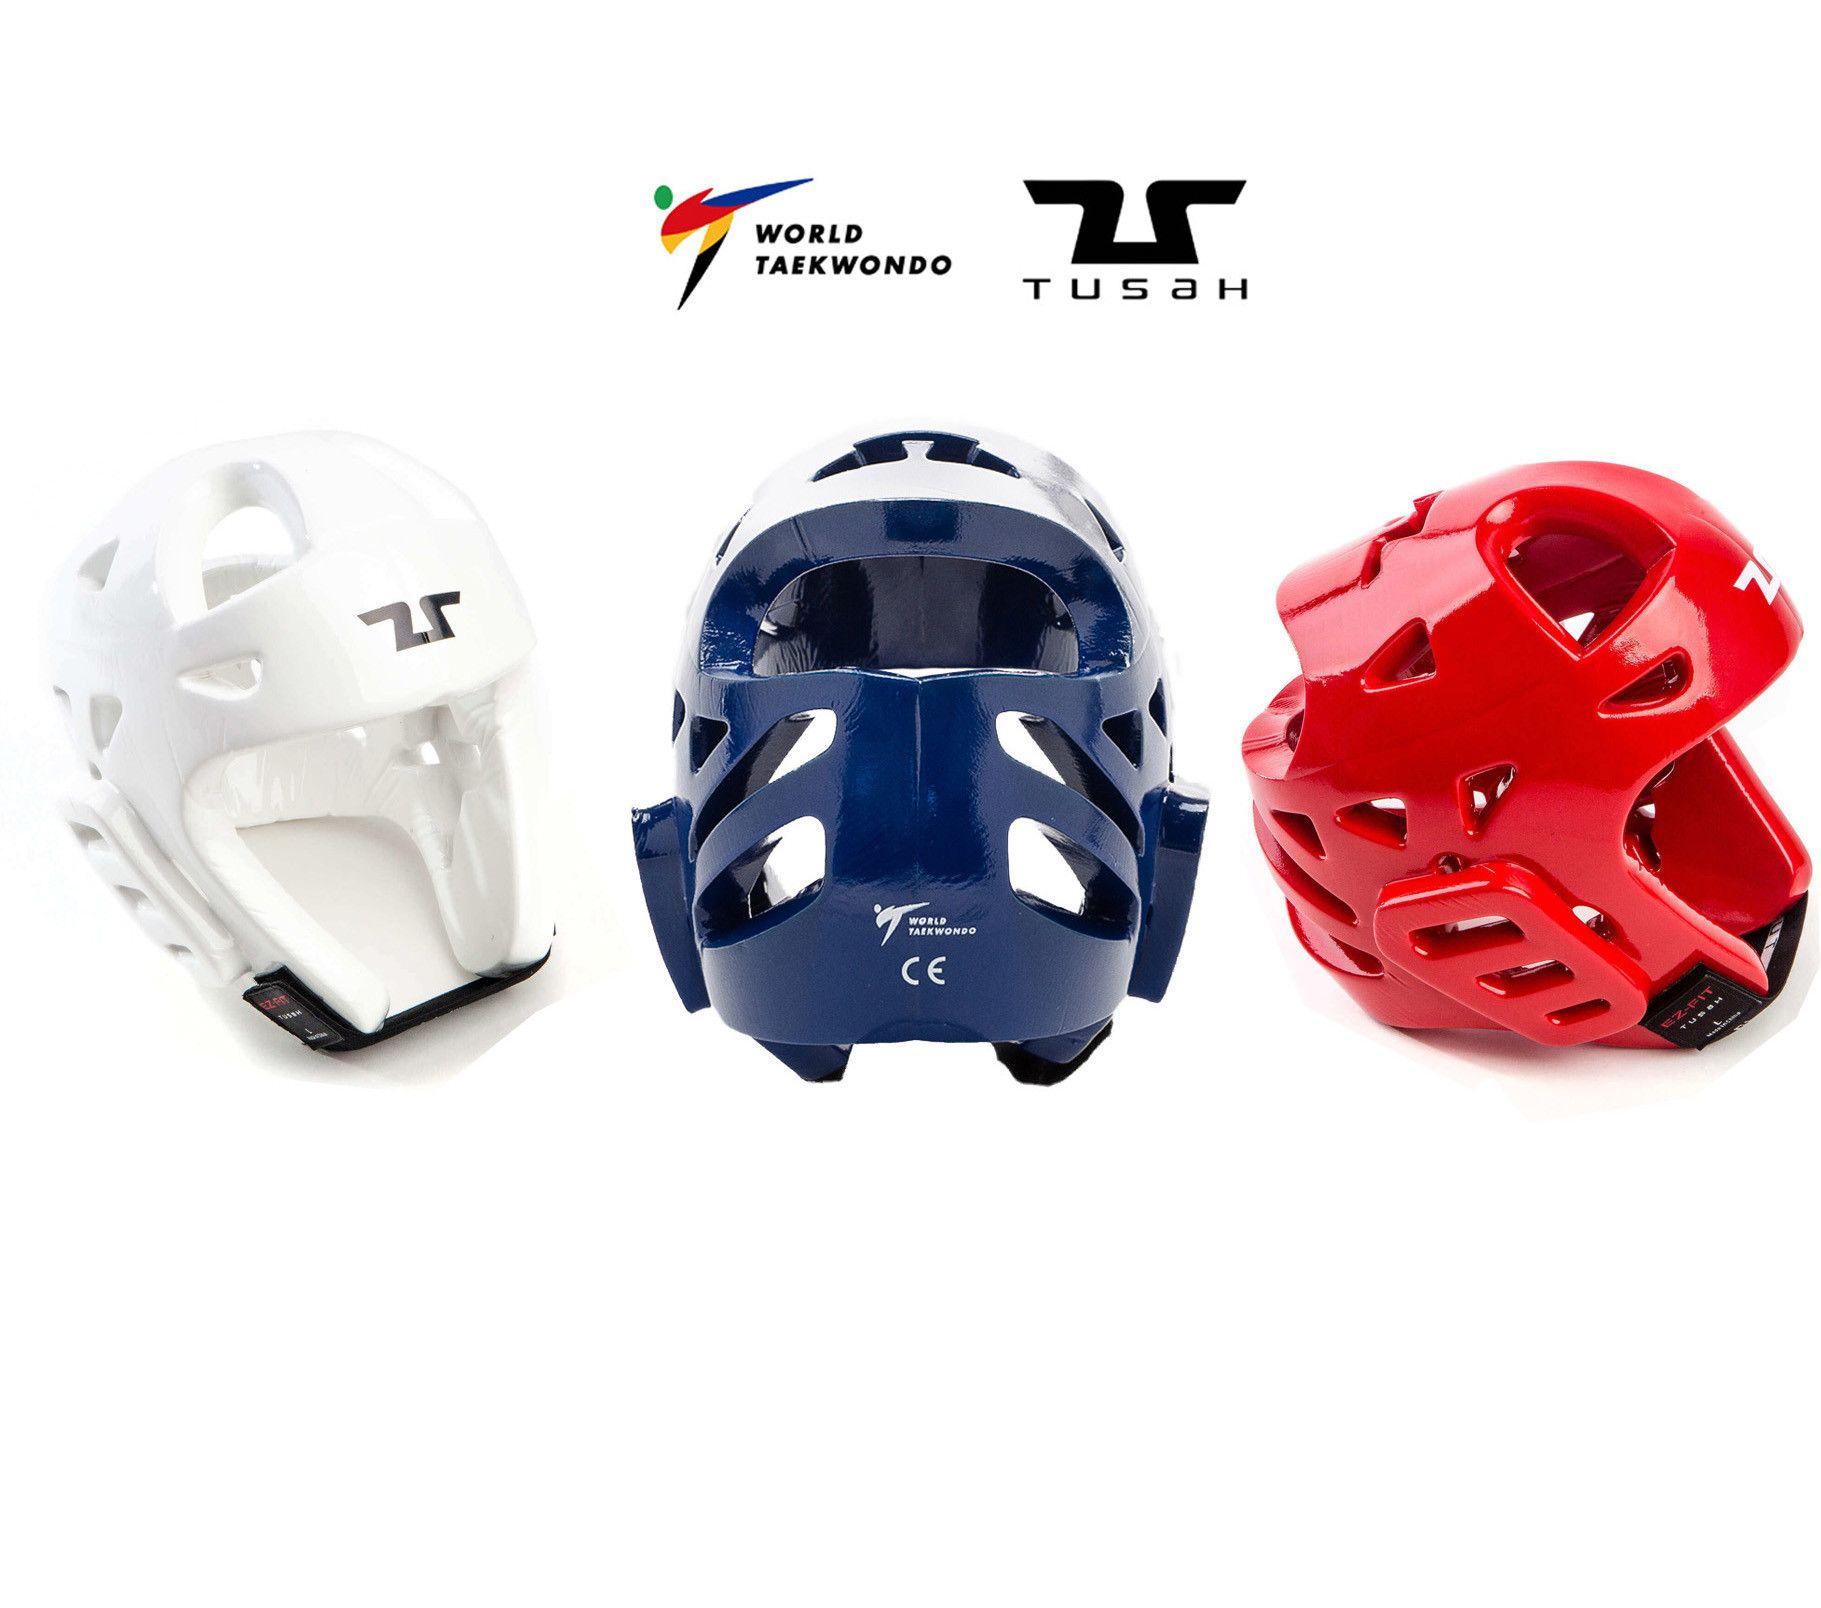 Tusah - Caschetto Omologato WT per Taekwondo adatto a competizioni ed allenamenti